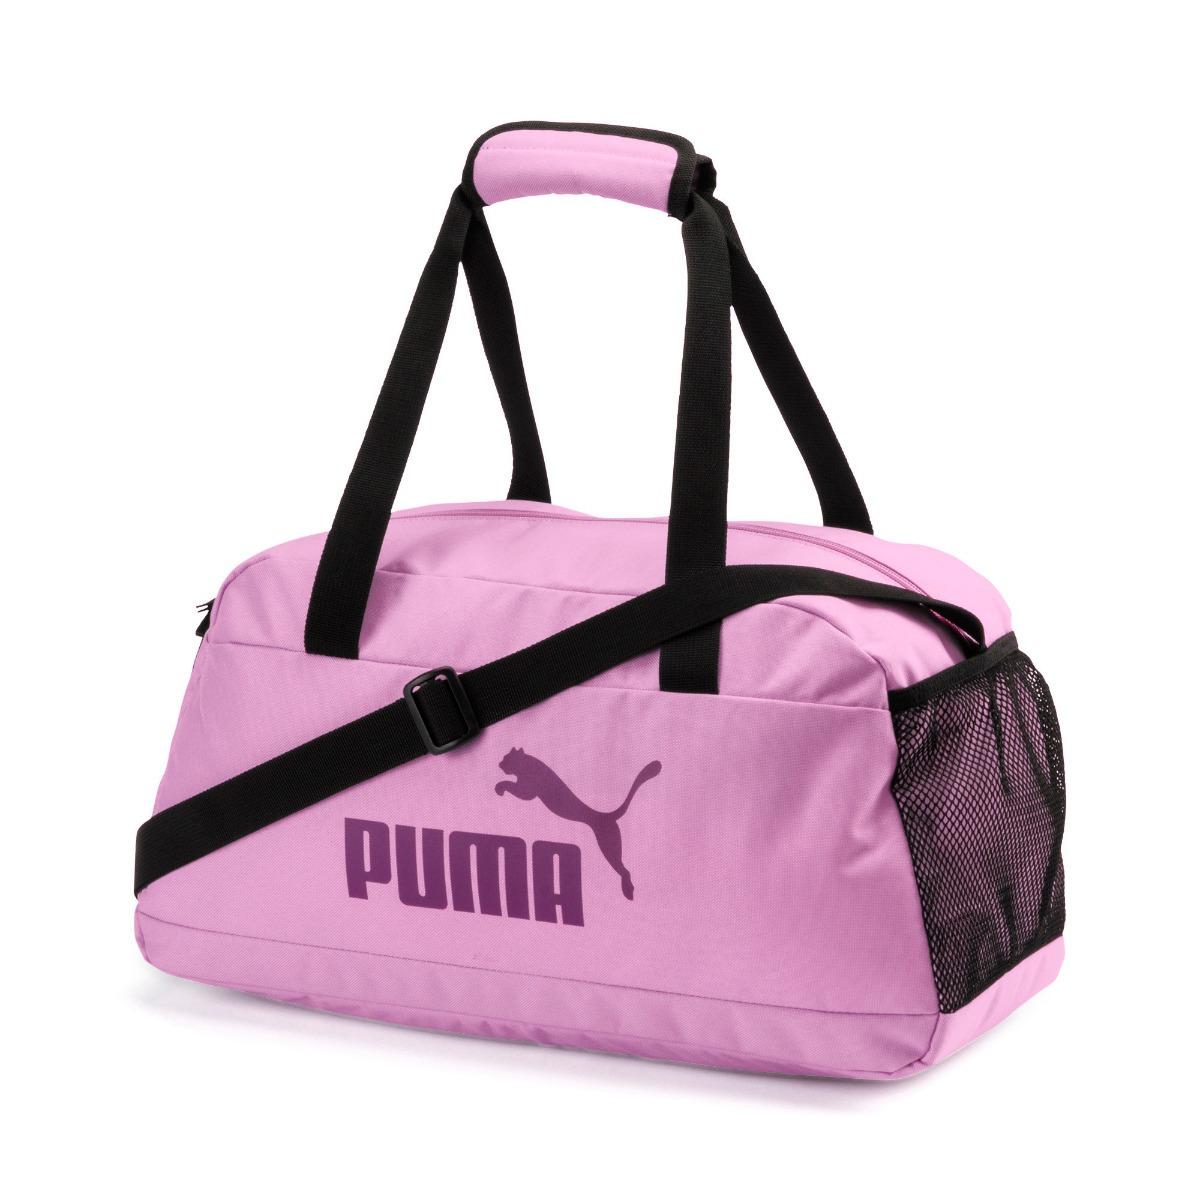 e6f1fd6c2db46 bolso deportivo phase mujer rosa puma original importado. Cargando zoom.